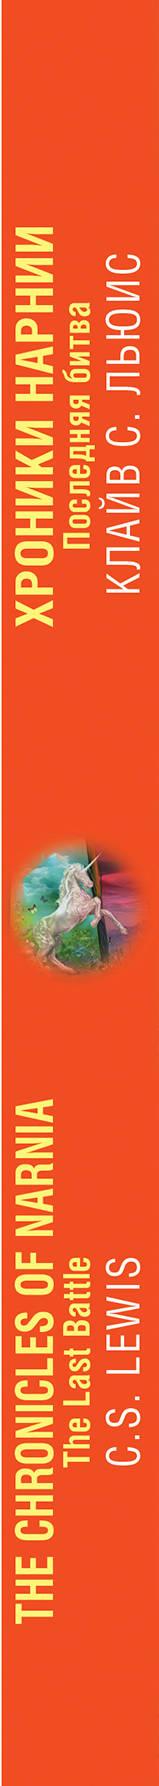 Хроники Нарнии. Последняя битва / The Chronicles of Narnia: The Last Battle. Клайв С. Льюис